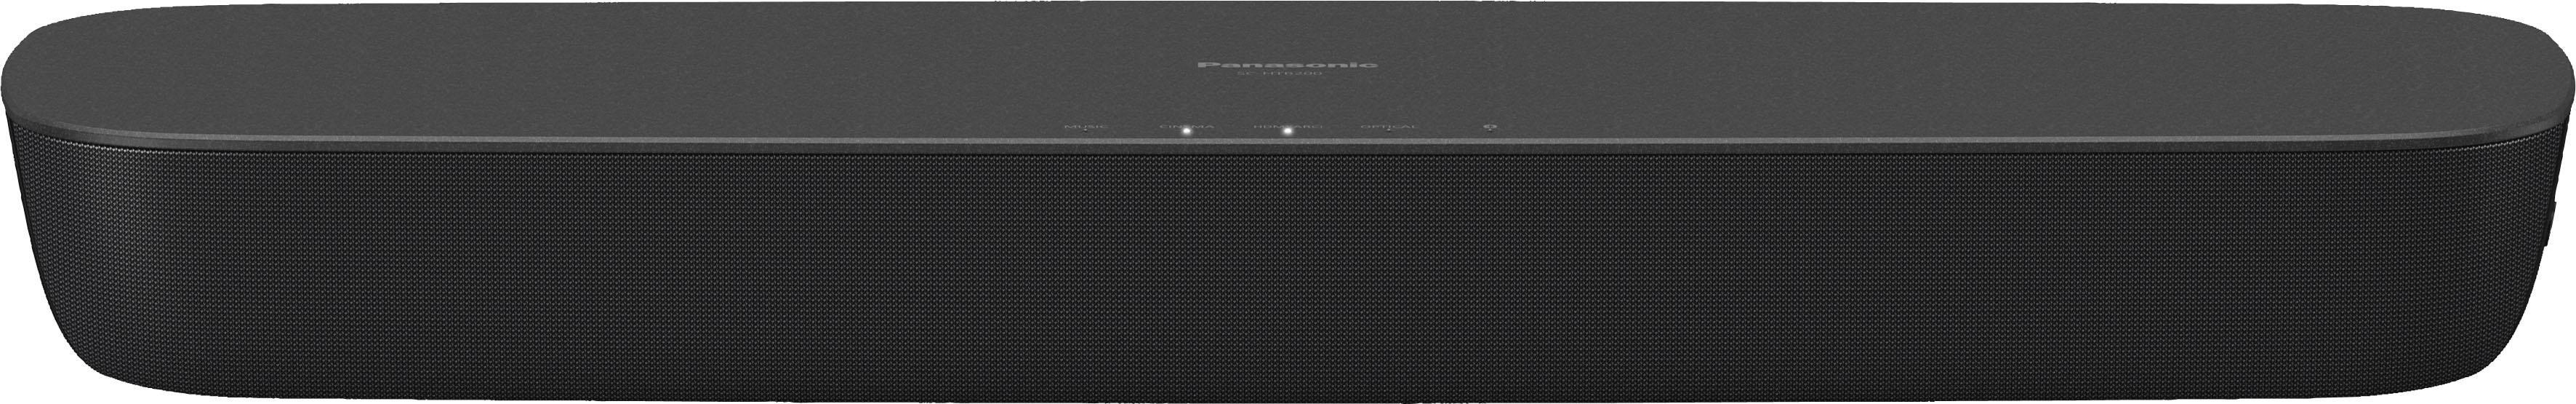 Panasonic »SC-HTB200« 2.0 soundbar (bluetooth, 80 watt) voordelig en veilig online kopen